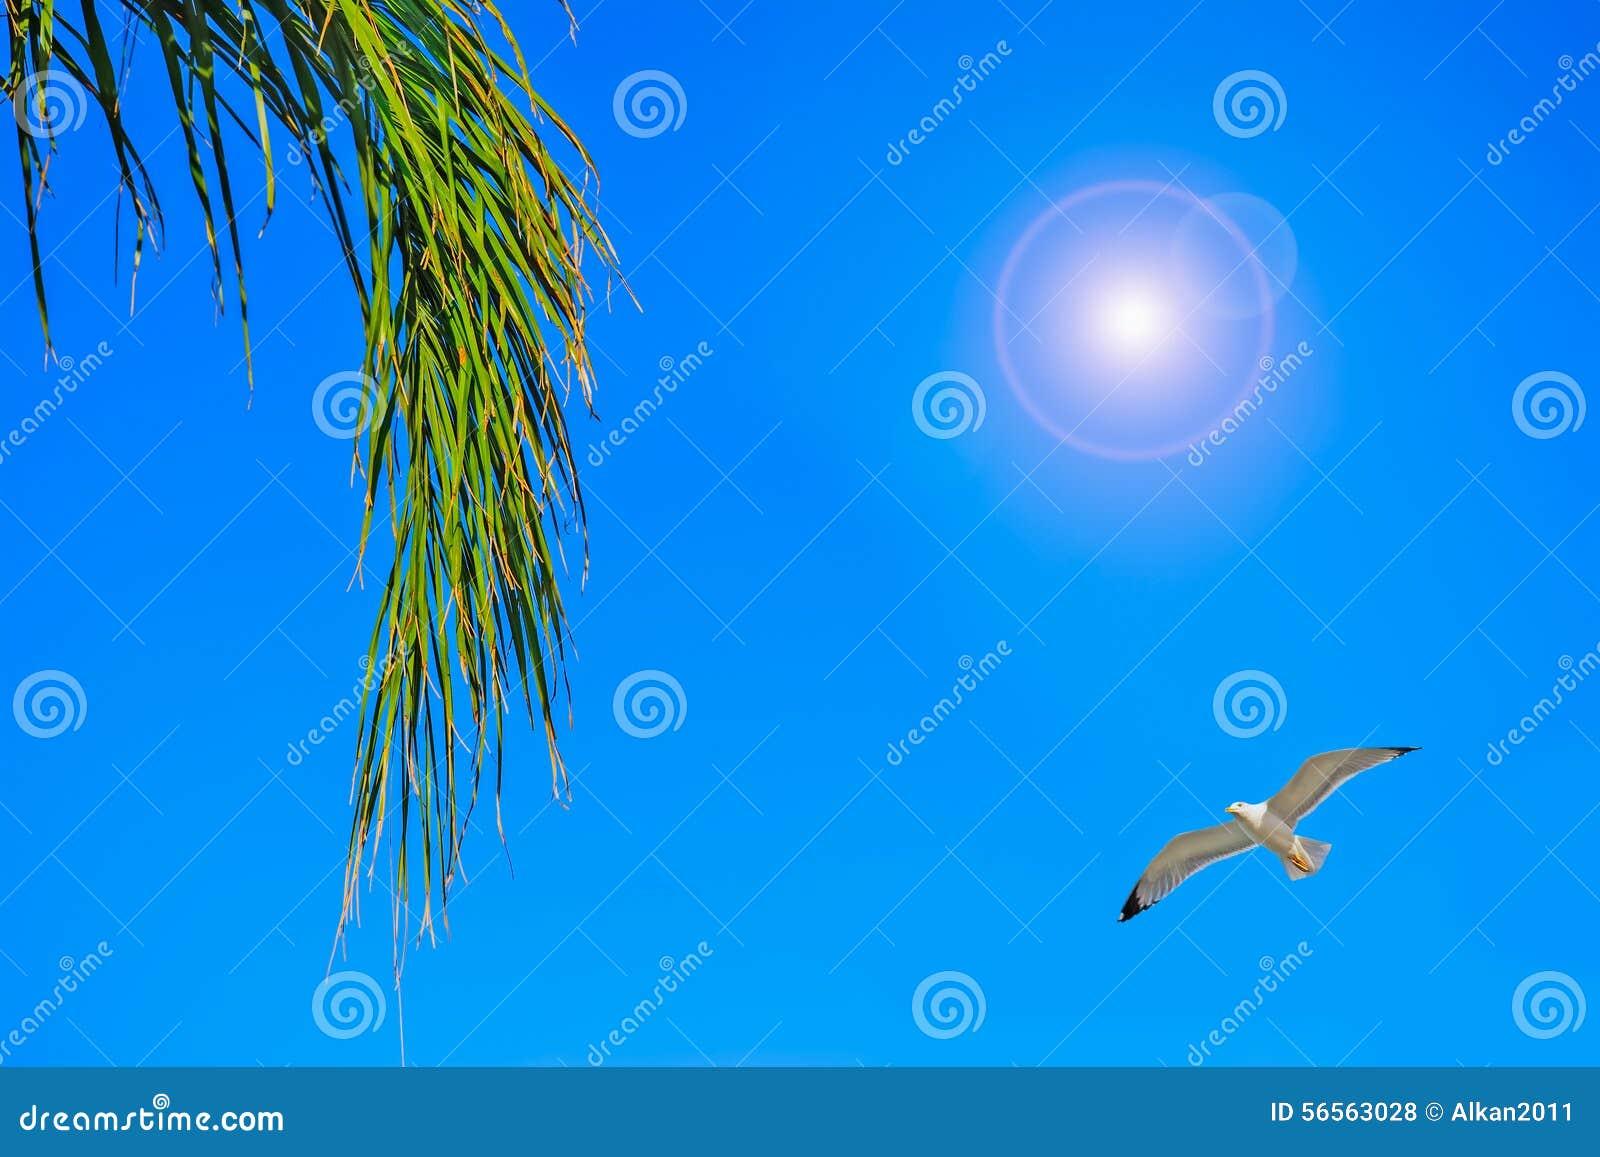 Download Κλάδος φοινικών κάτω από πετώντας Seagull Στοκ Εικόνες - εικόνα από φύλλο, έξυπνο: 56563028